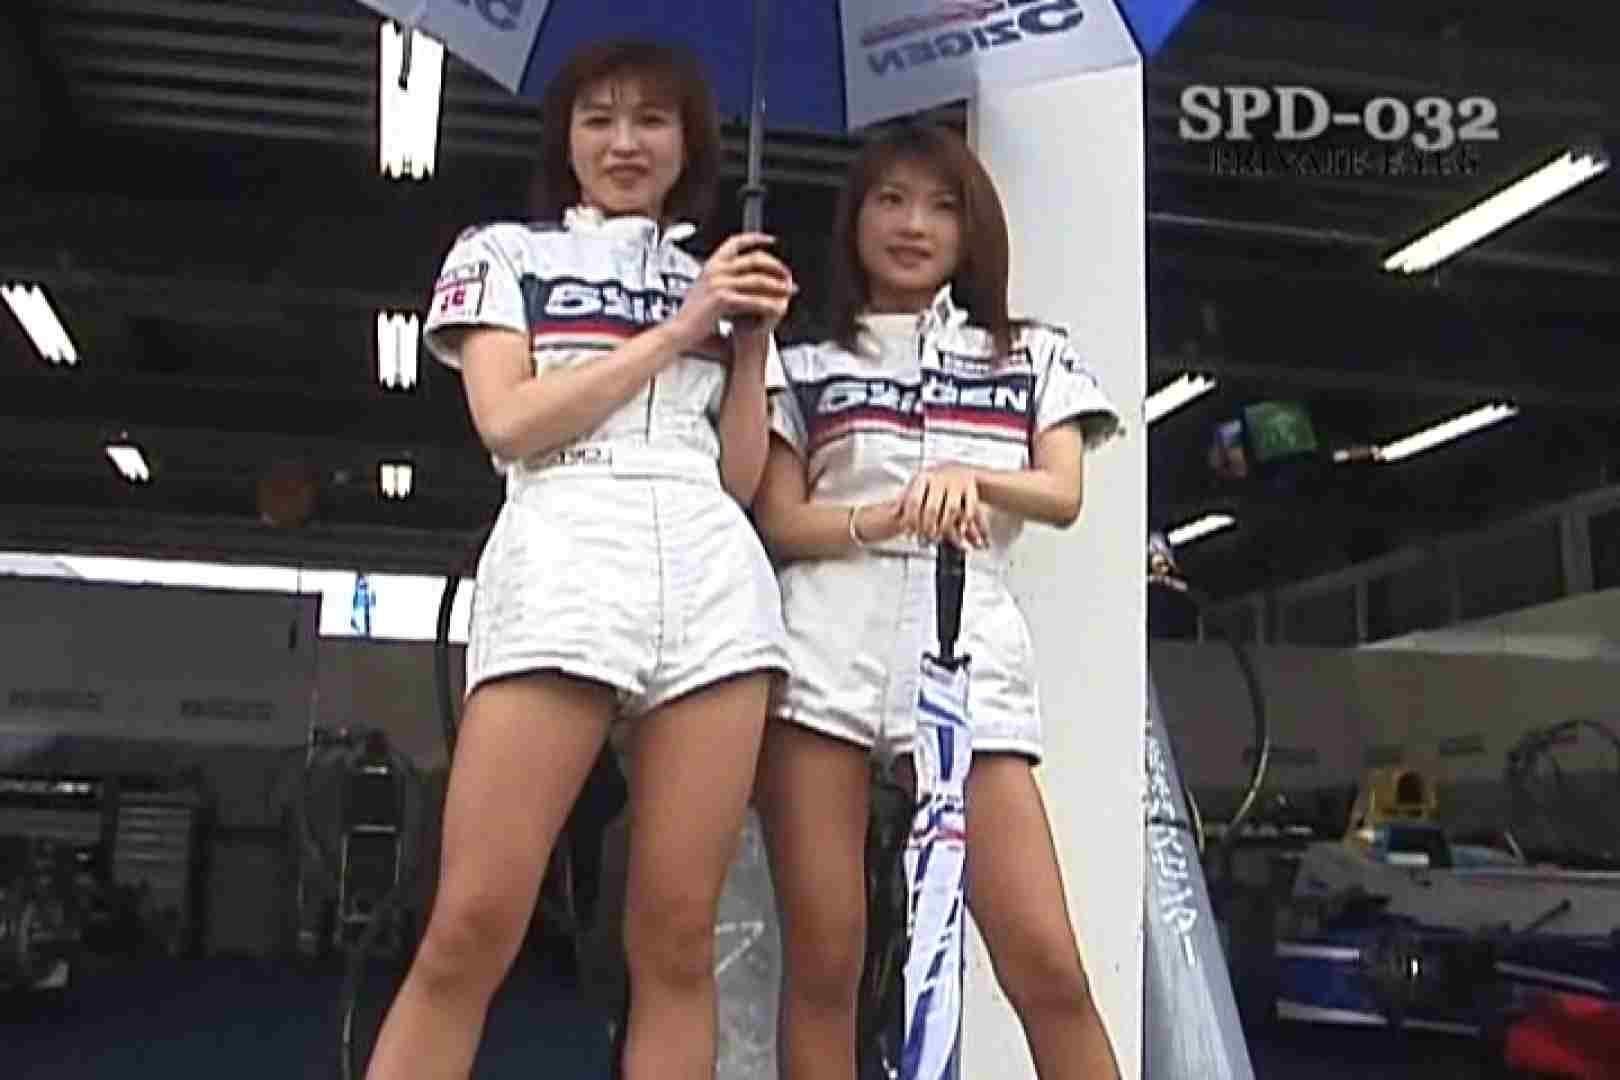 高画質版!SPD-032 サーキットの女神達 00'日本第2戦 MOTEGI 高画質   プライベート  97pic 28